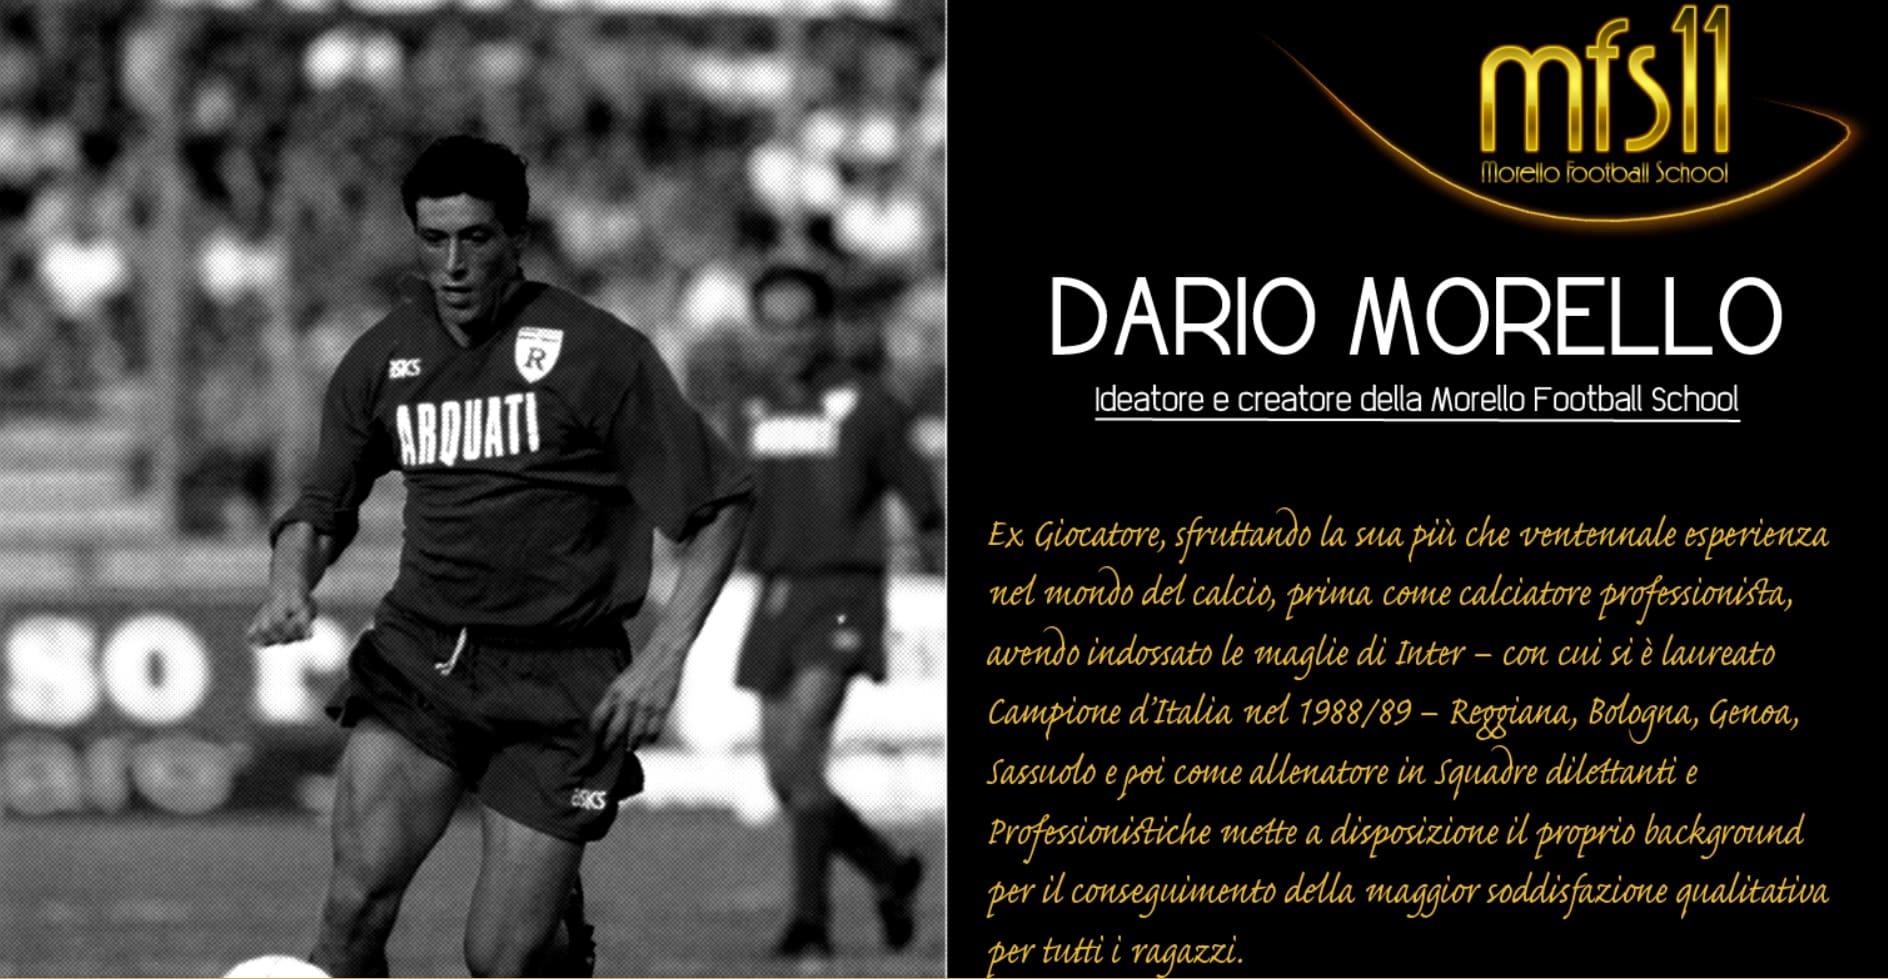 morello football school